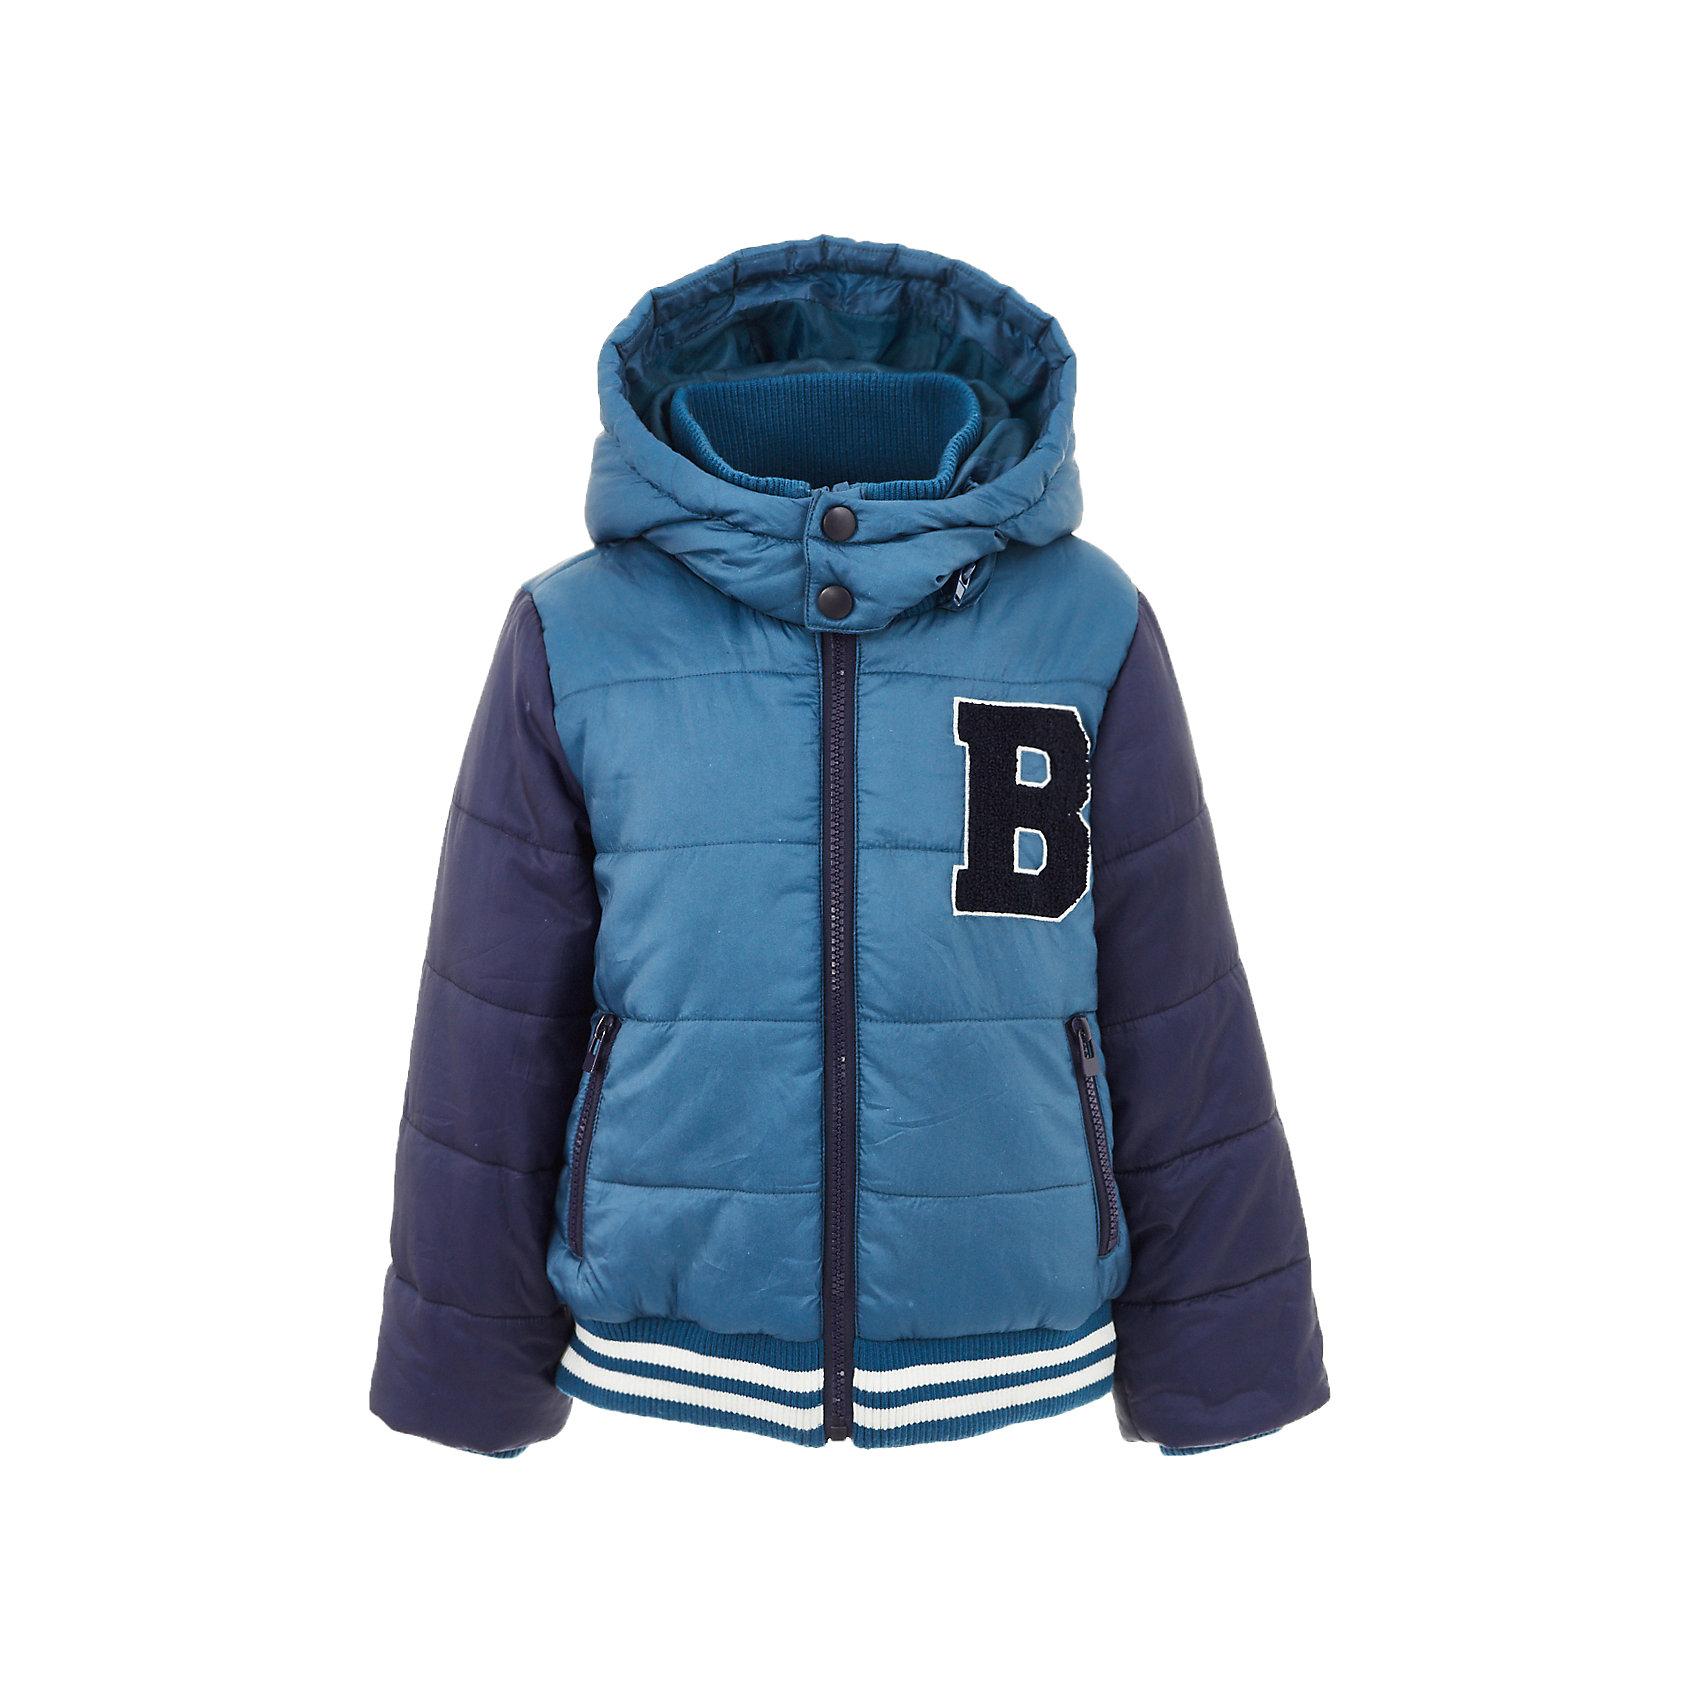 Куртка BUTTON BLUE для мальчикаВерхняя одежда<br>Куртка BUTTON BLUE для мальчика<br>В преддверии осенних холодов главная задача родителей - купить хорошую детскую куртку! Всех, кто хочет куртку недорого, часто ожидает разочарование... Но если вы формируете функциональный детский гардероб от Button Blue, вам это не грозит! Прекрасная куртка для мальчика от Button Blue - залог хорошего настроения в осенний день! Интересный дизайн, построенный на комбинации двух цветов в одном изделии, модная форма, отделка делают куртку стильной, привлекательной и удобной в повседневной носке. Приобретение куртки по доступной цене - прекрасный повод продолжить покупки в магазине Button Blue и создать полноценный и разнообразный детский гардероб из модных, нужных и интересных вещей.<br>Состав:<br>100% полиэстер               подкладка: /100% полиэстер  Утеплитель 100% полиэстер<br><br>Ширина мм: 356<br>Глубина мм: 10<br>Высота мм: 245<br>Вес г: 519<br>Цвет: бирюзовый<br>Возраст от месяцев: 144<br>Возраст до месяцев: 156<br>Пол: Мужской<br>Возраст: Детский<br>Размер: 158,98,104,110,116,122,128,134,140,146,152<br>SKU: 7038879